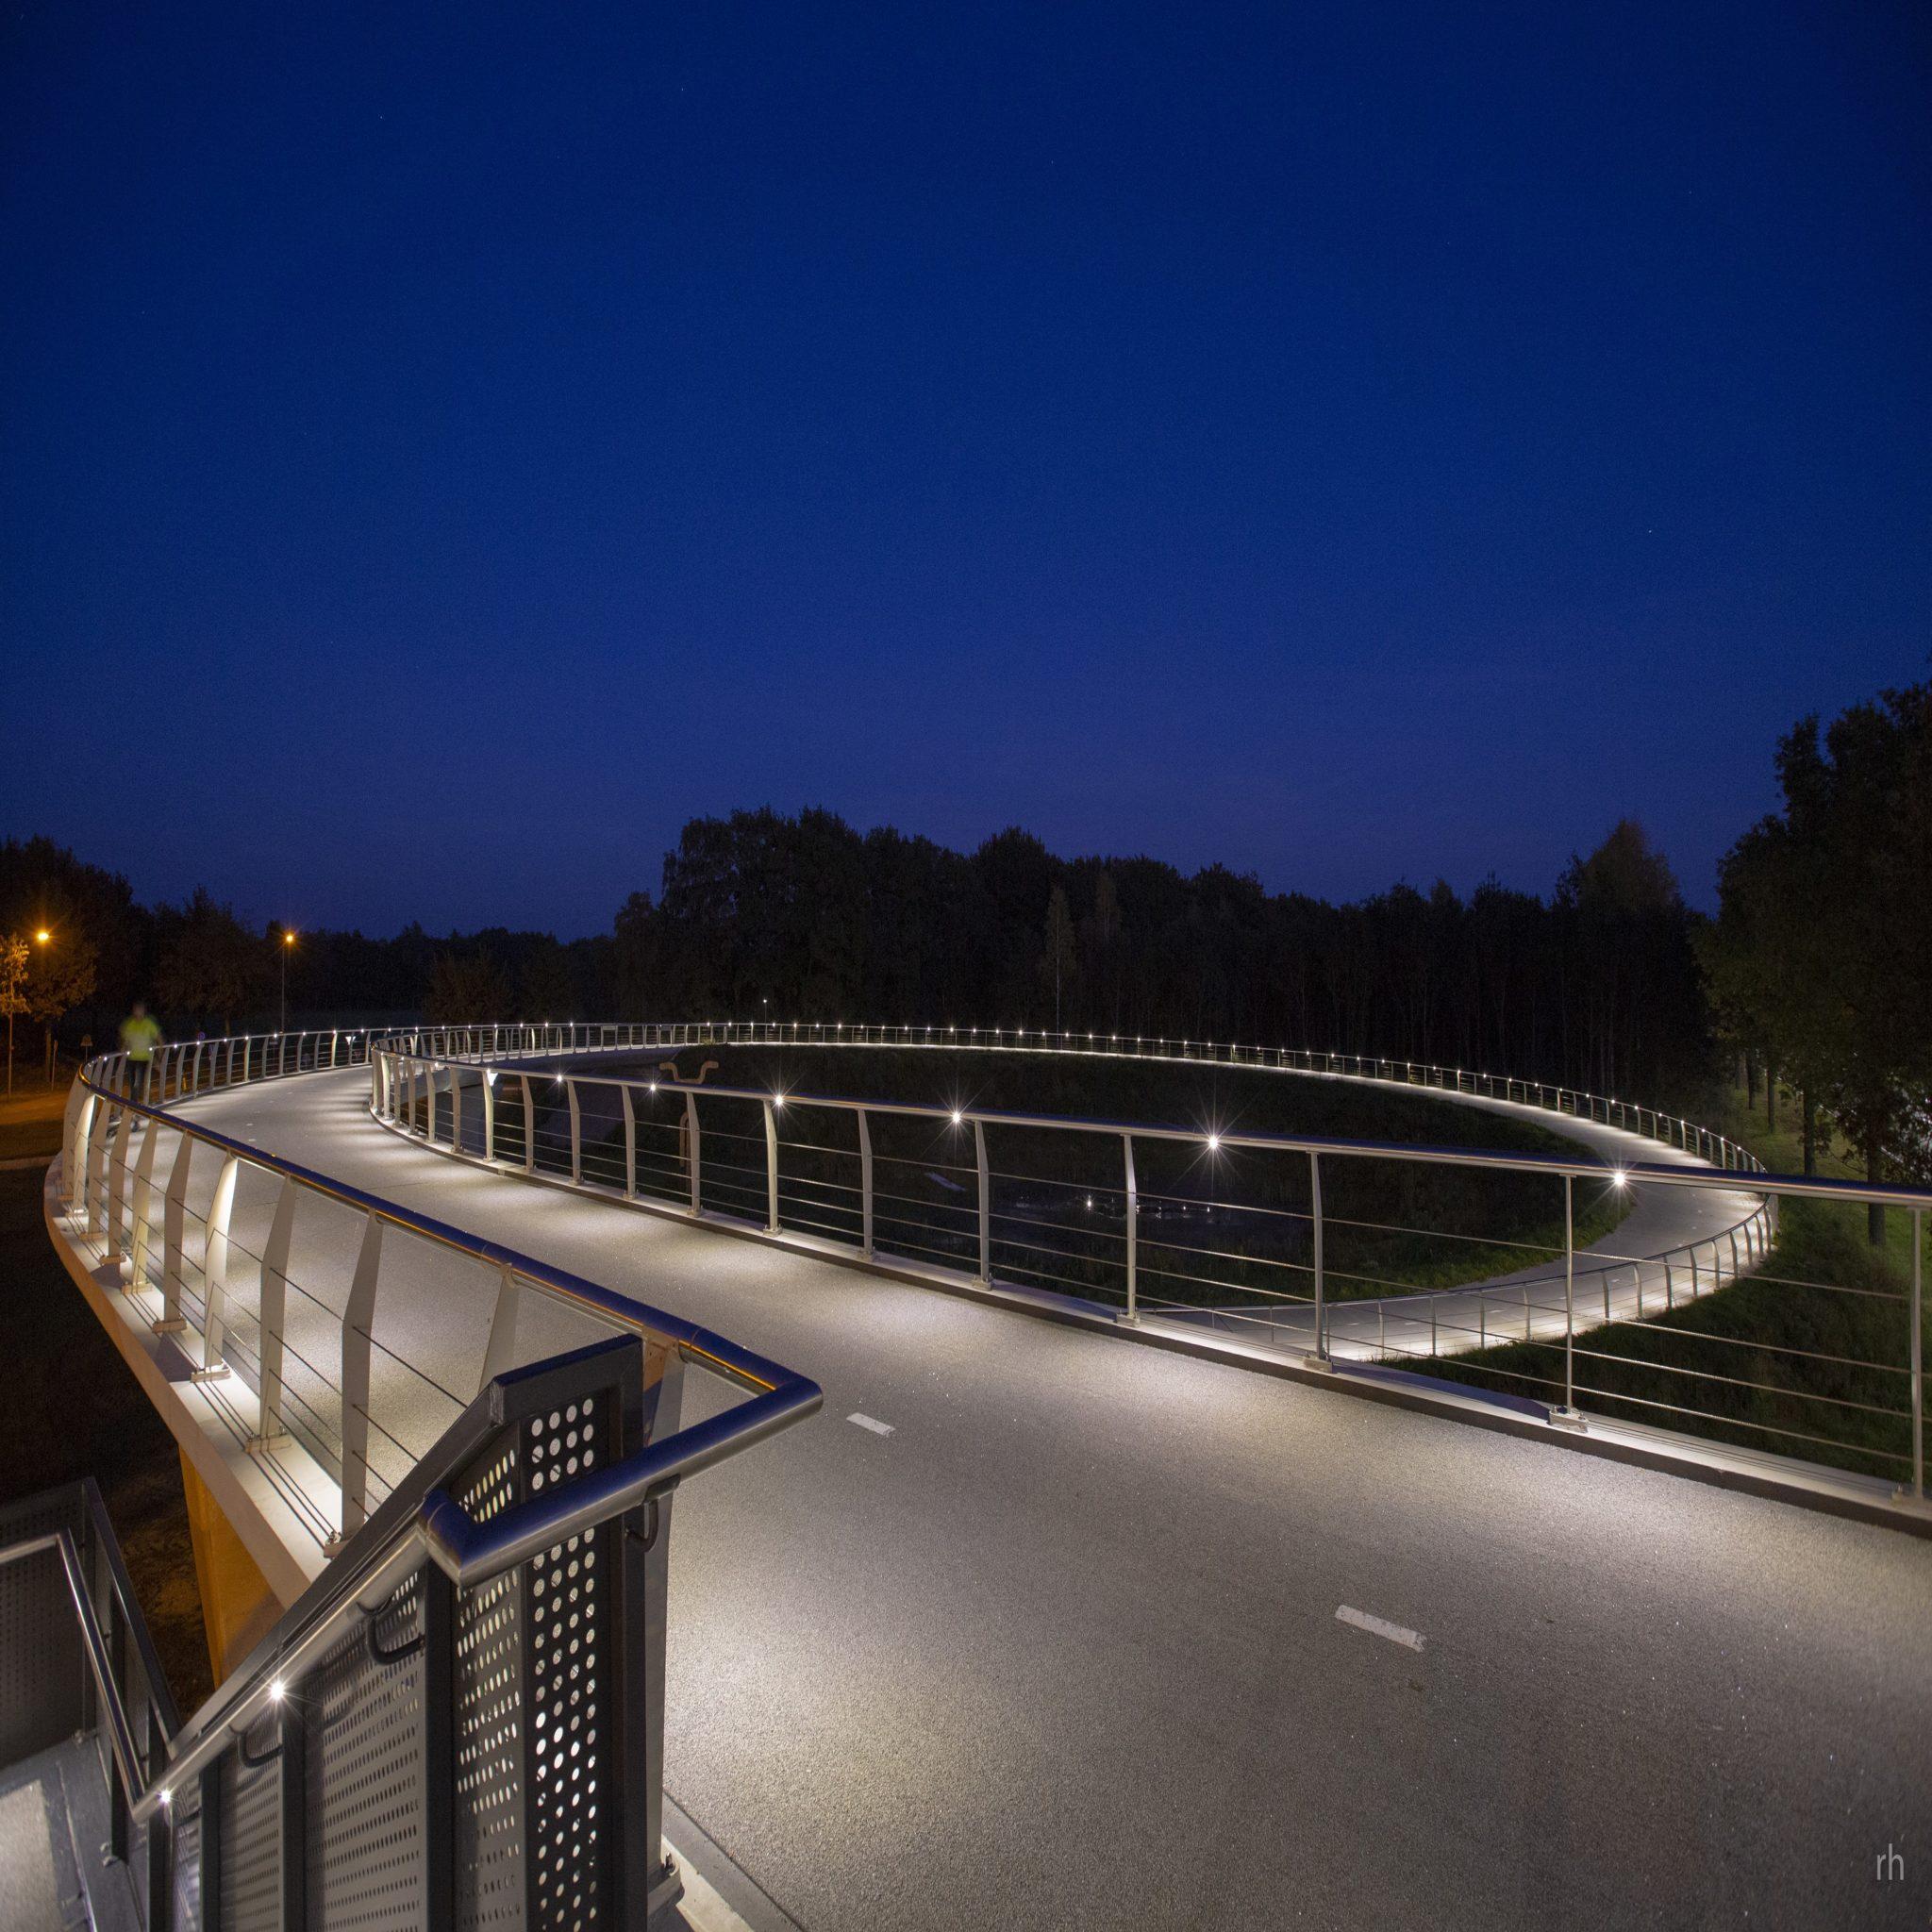 met een lichtkleur van 3000k en een systeemvermogen van nog geen 18w is de gehele brug fraai en functioneel verlicht met dank aan buro maan